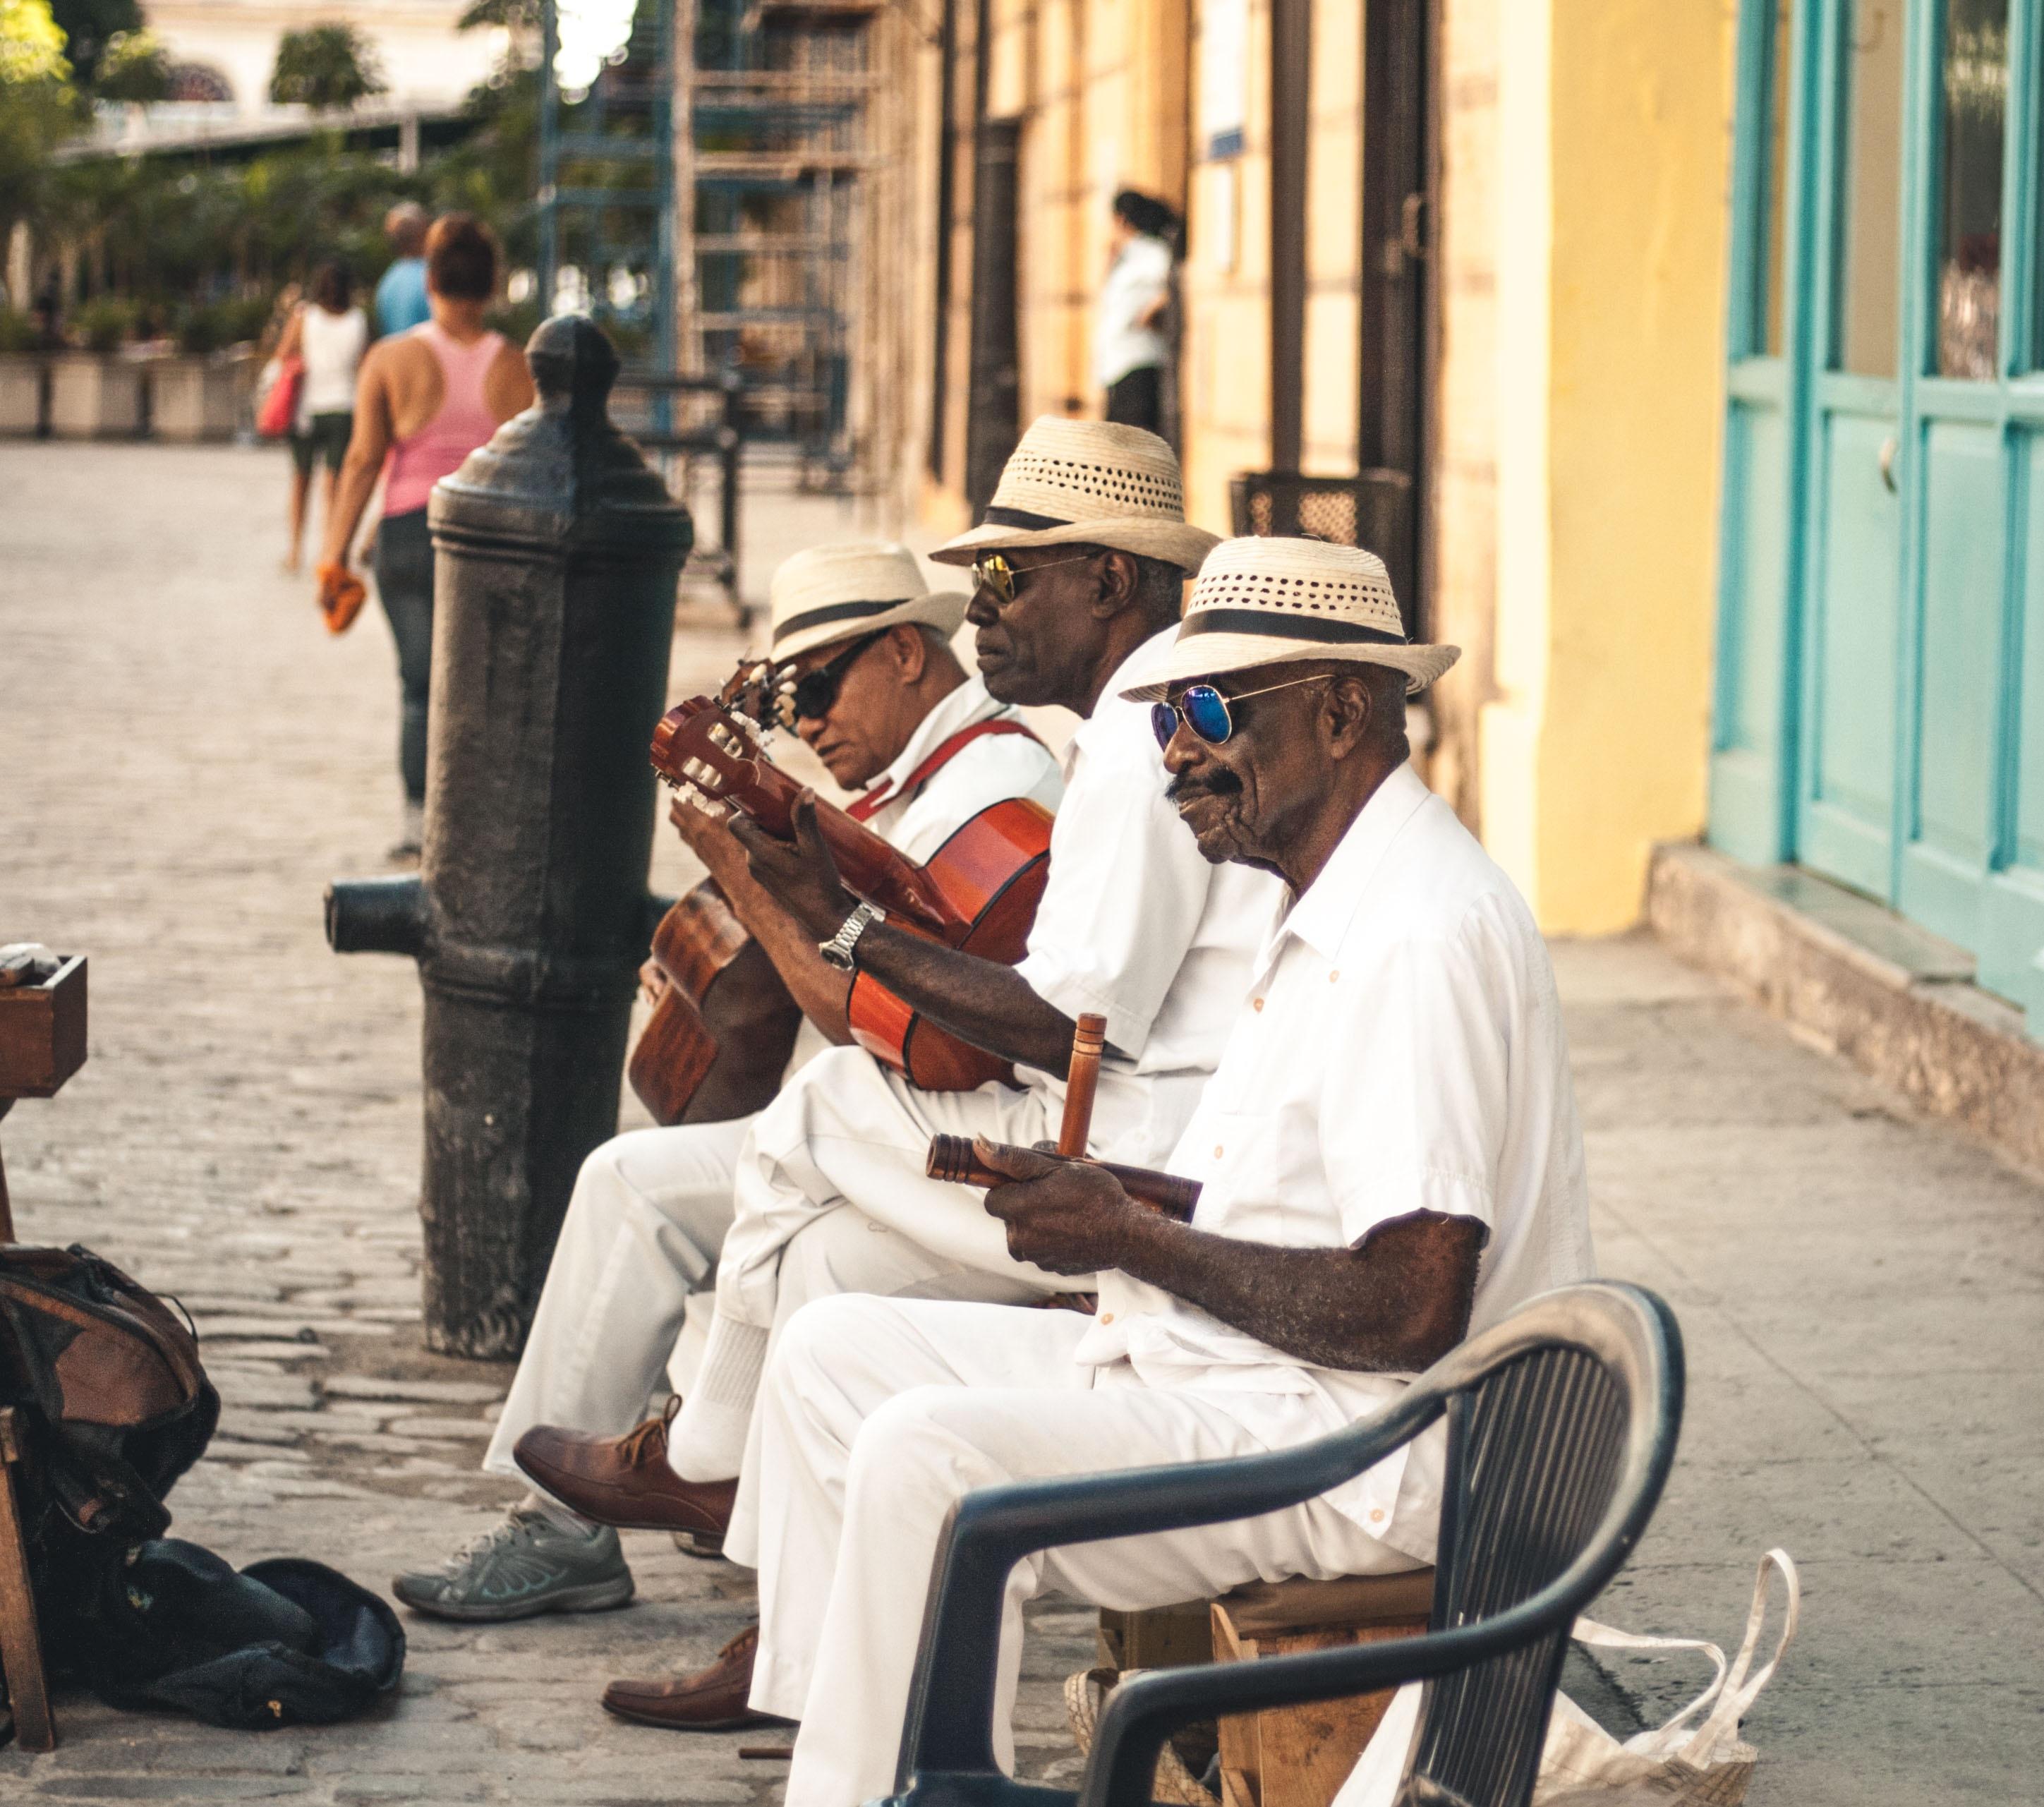 ontdek Cuba en de lokale muziek